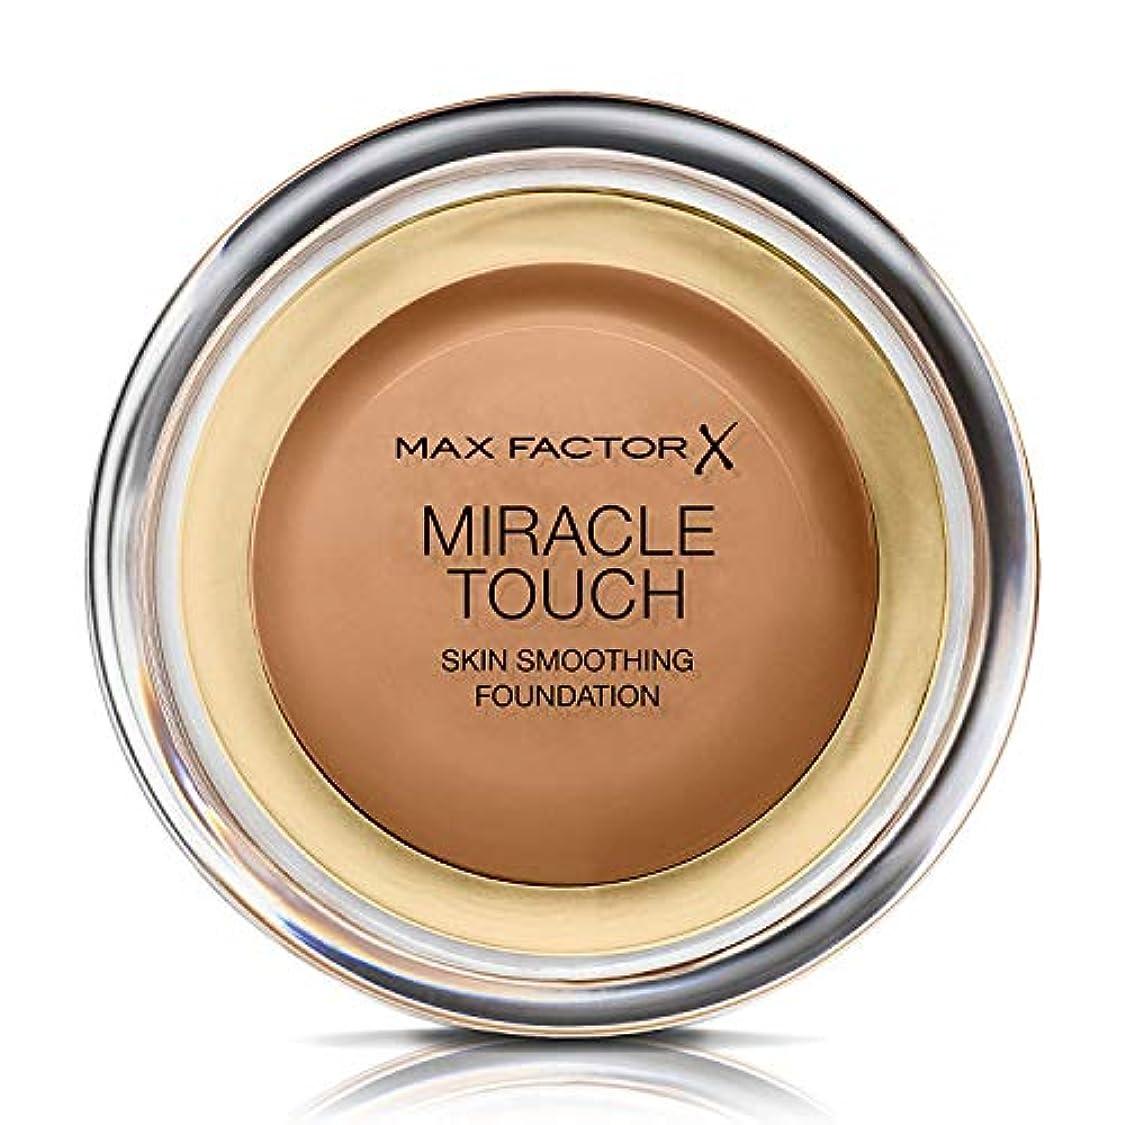 ハッチささやきフクロウマックス ファクター ミラクル タッチ スキン スムーズ ファウンデーション - カラメル Max Factor Miracle Touch Skin Smoothing Foundation - Caramel 085...